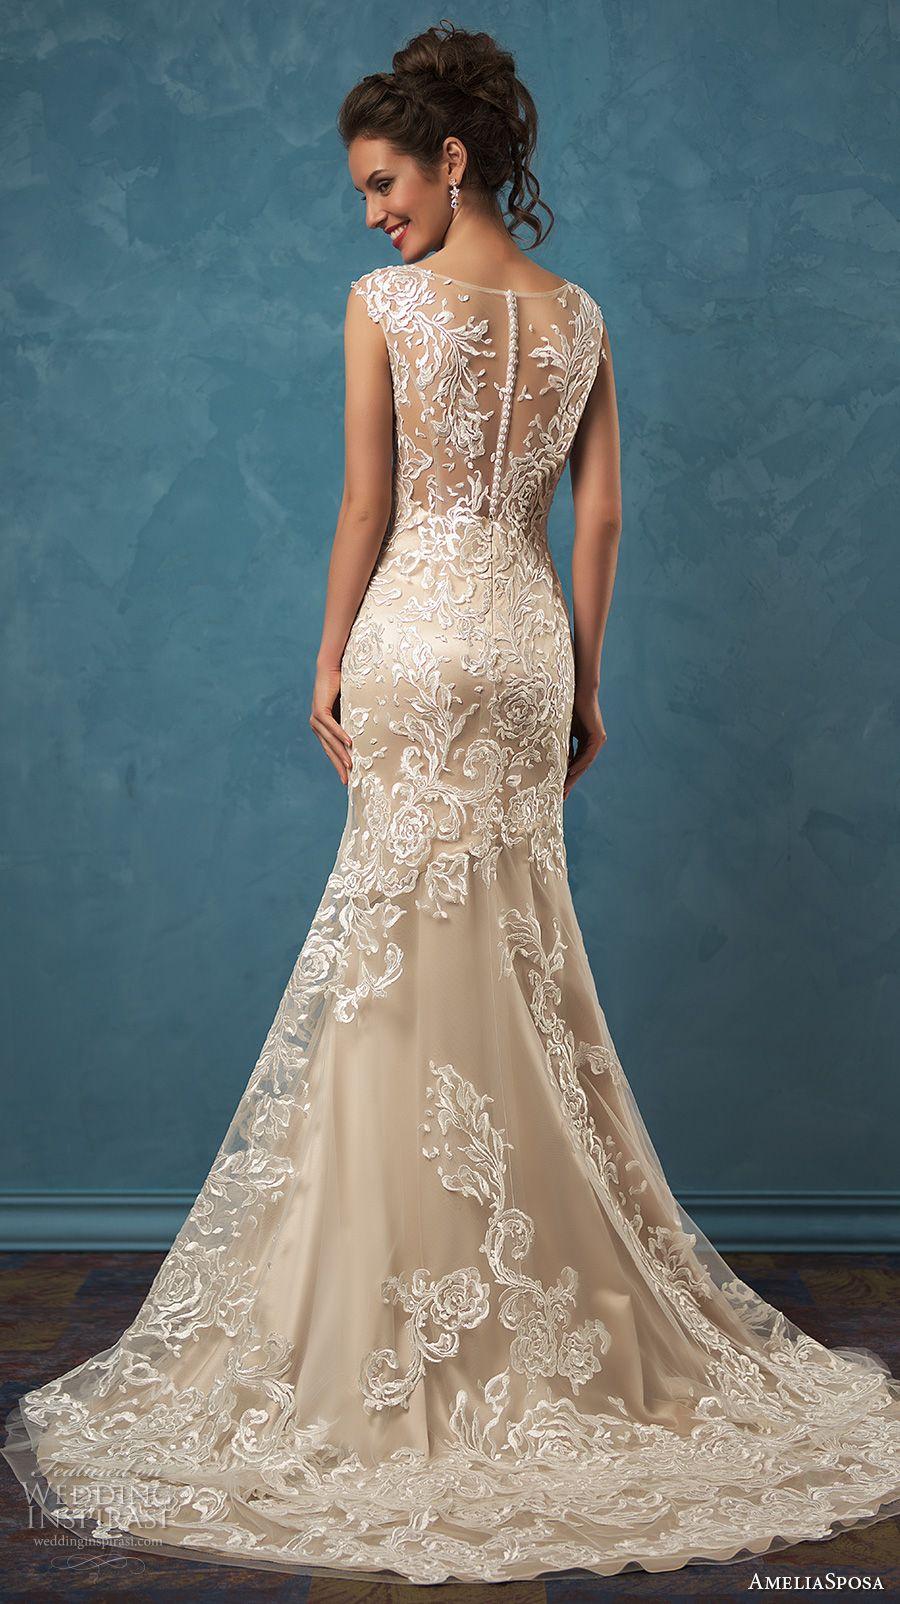 Amelia Sposa 2017 Wedding Dresses | Espalda de encaje y Vestidos de ...